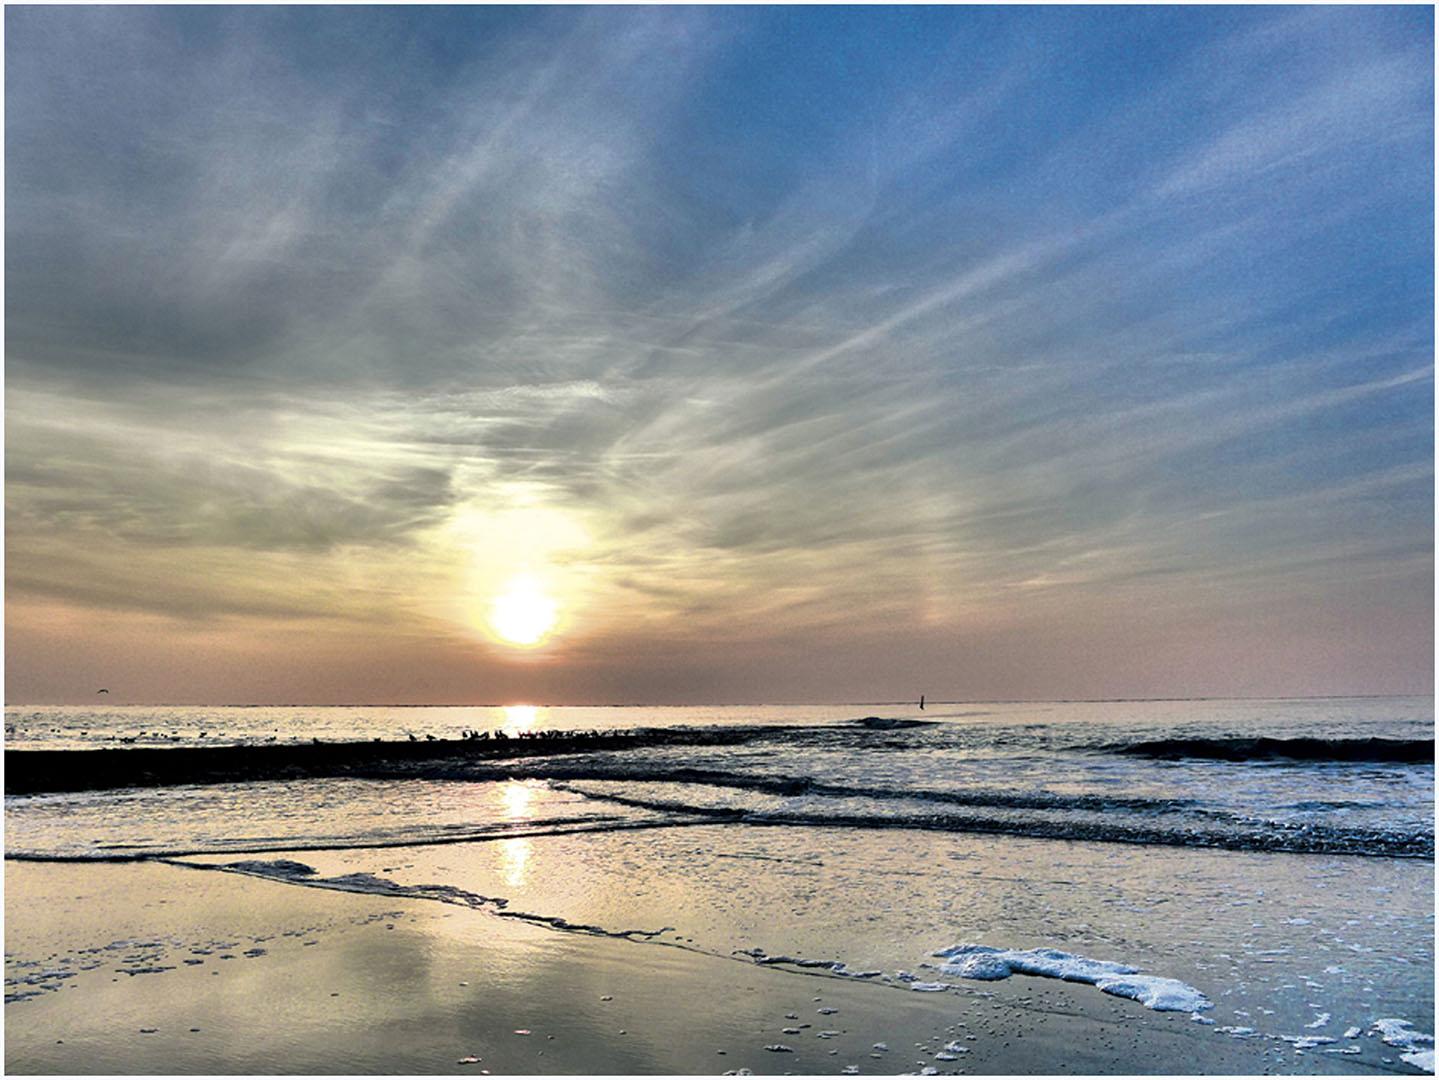 North_Sea_Water_109_N15.1.22